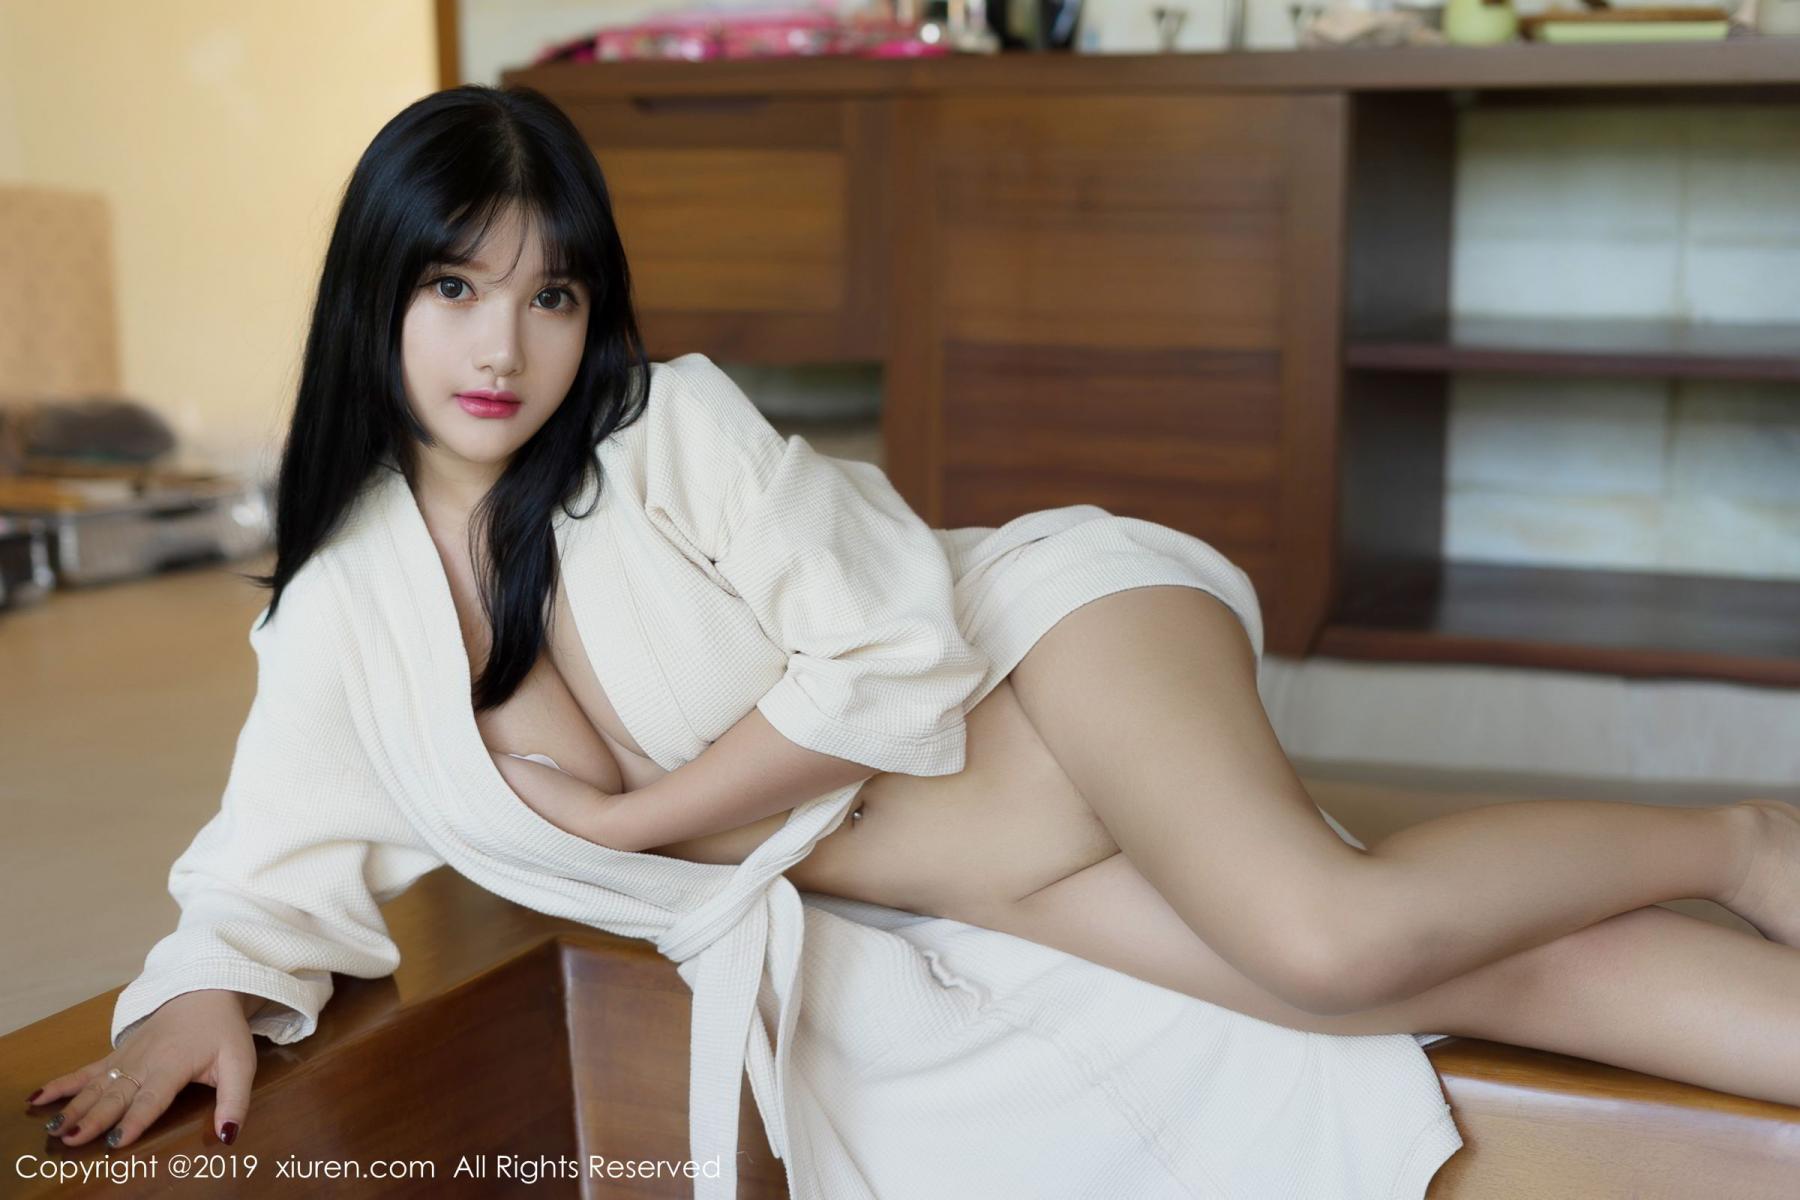 [XiuRen] Vol.1603 Lu Lu Xiao Miao 39P, Lu Lu Xiao Miao, Underwear, Xiuren